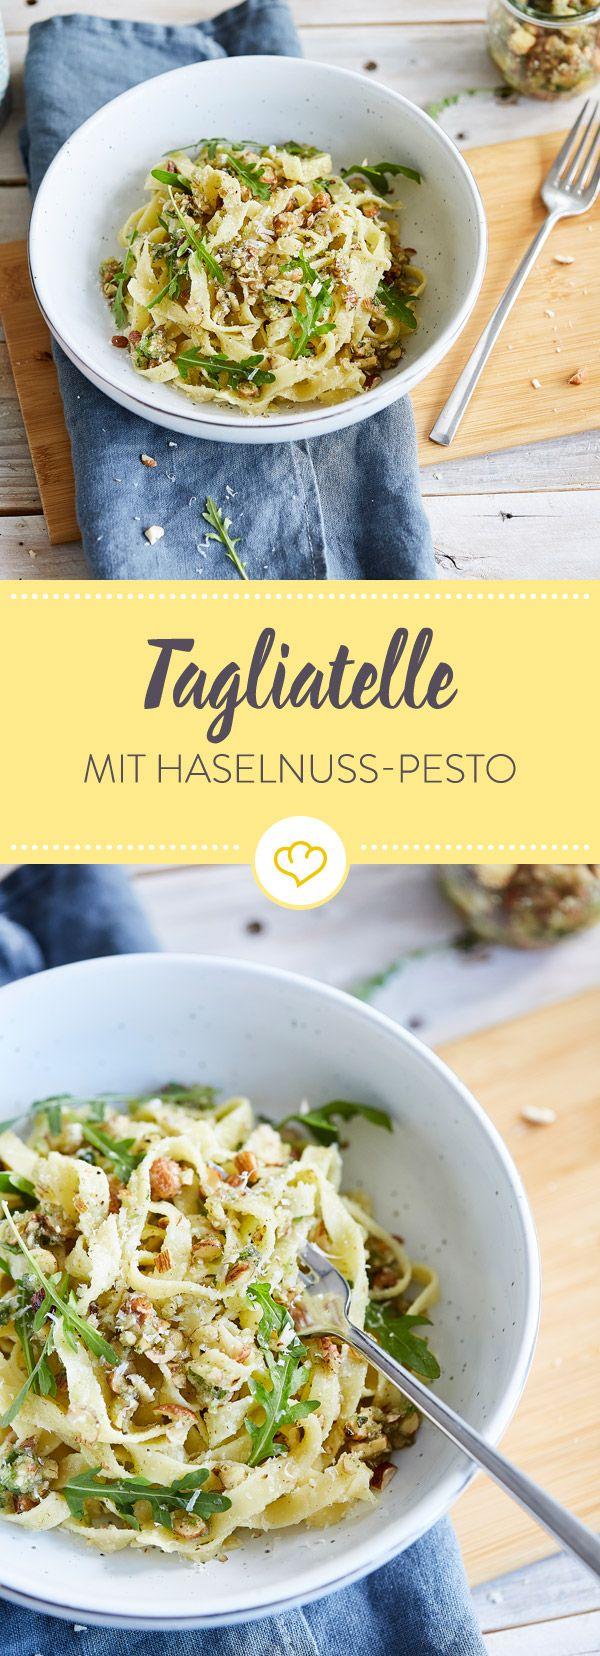 Nach Feierabend lassen sich quirlige Tagliatelle mit nichts lieber vermengen, als mit Haselnuss-Pesto, Rucola und Parmesan.